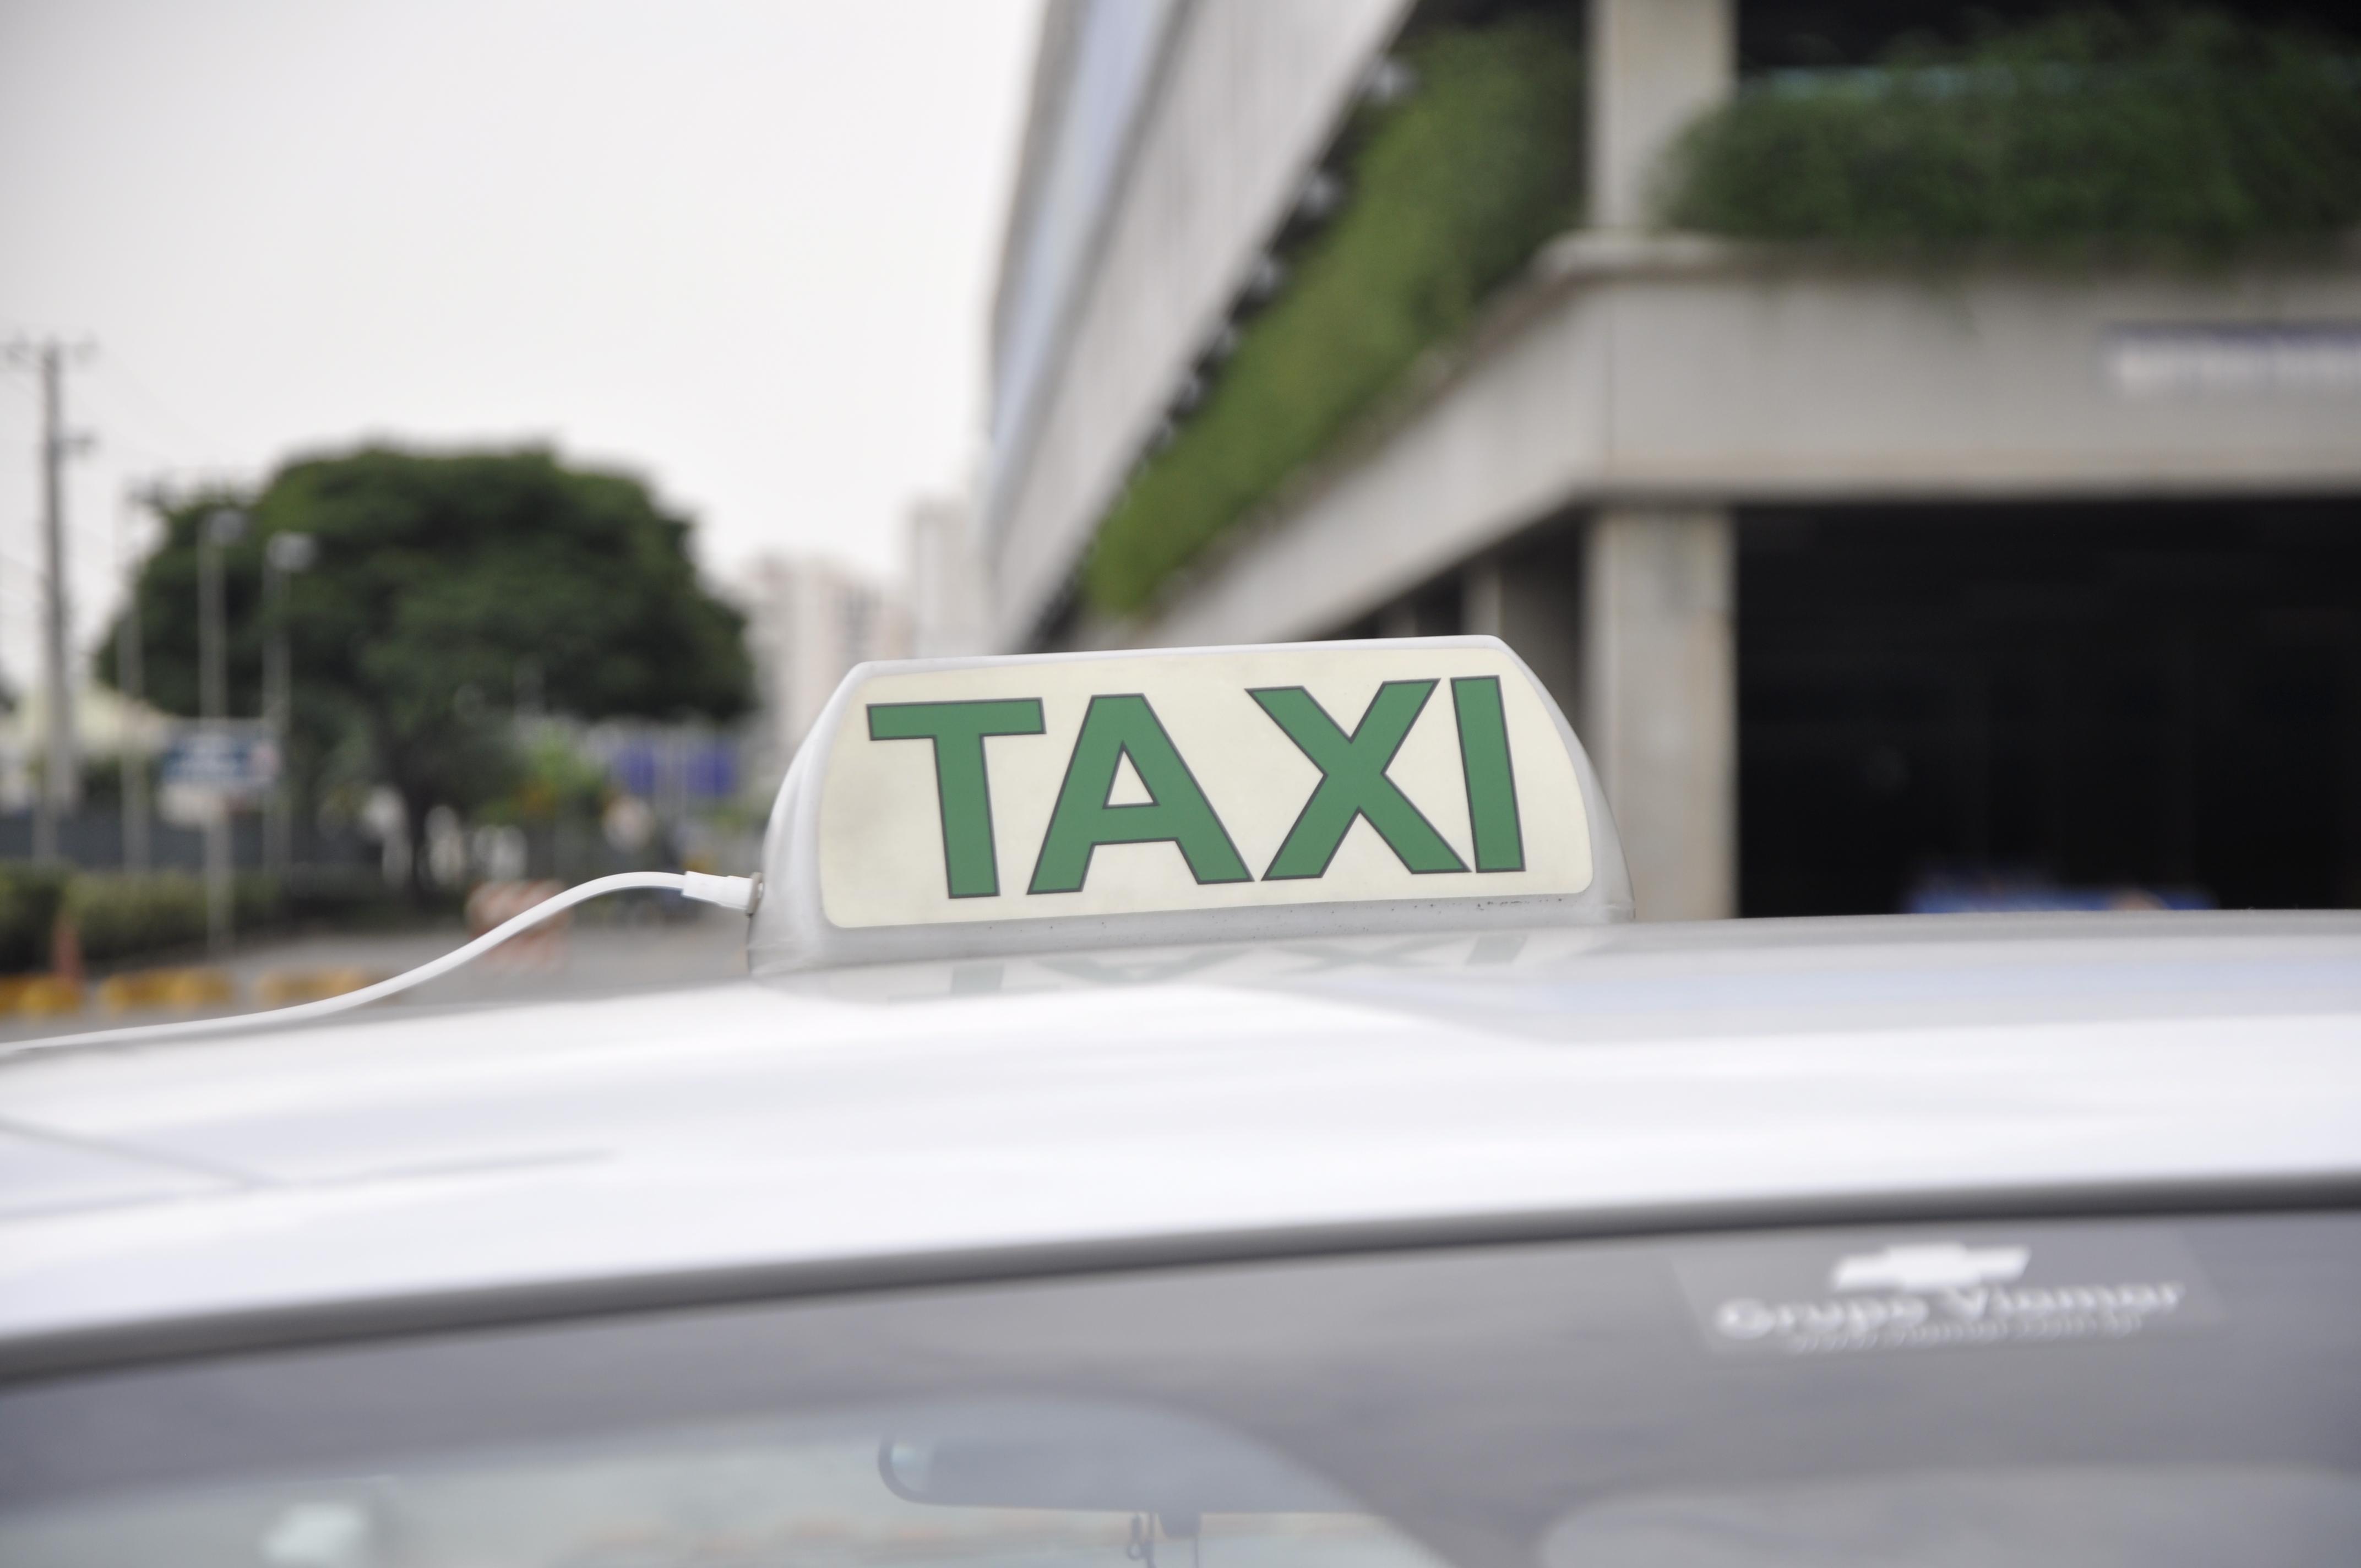 Cade arquiva processo contra aplicativos de táxi em três cidades